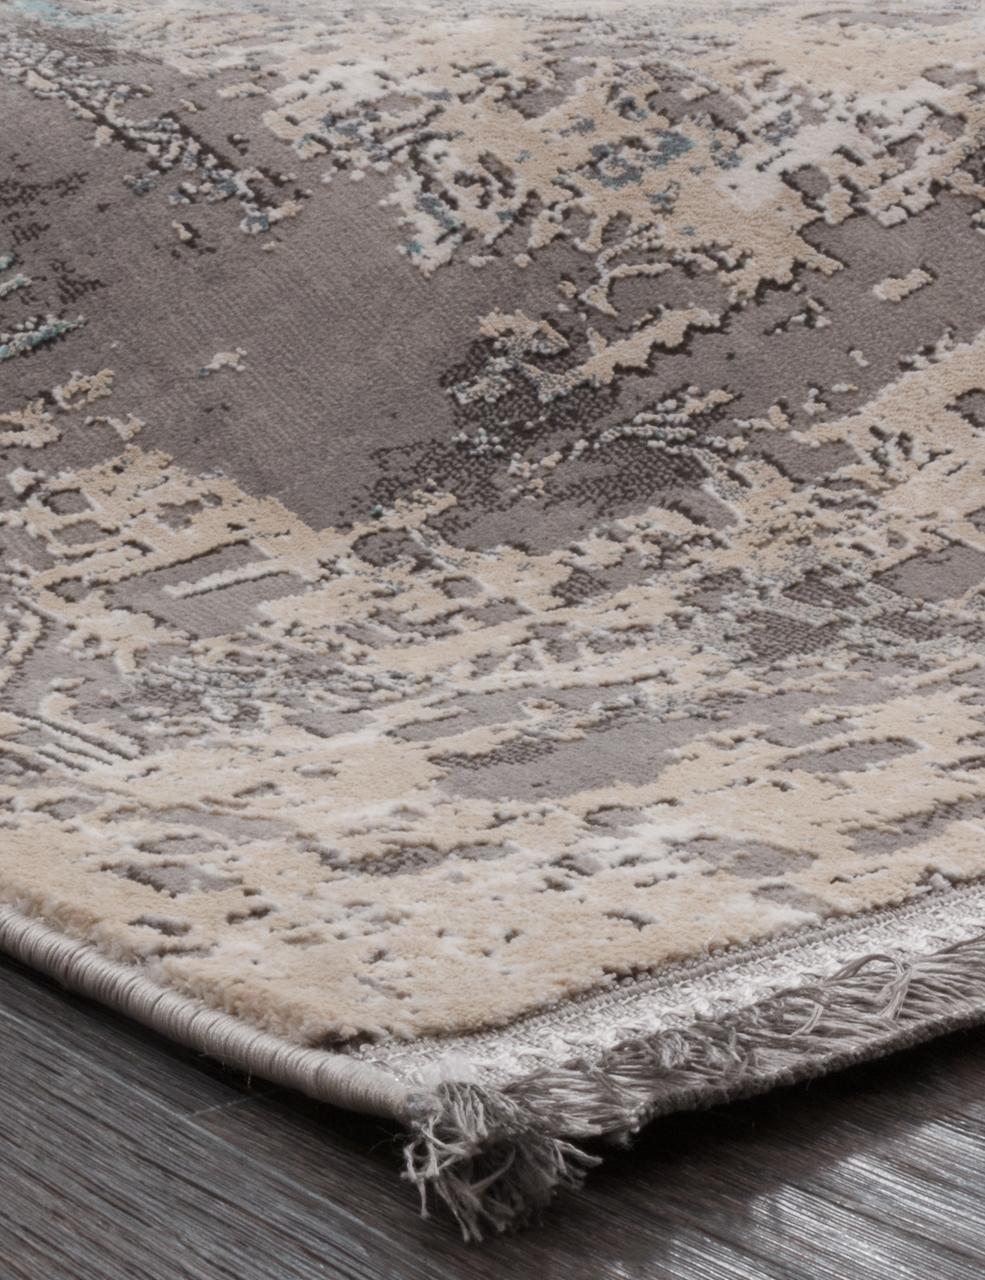 Ковер 31601 - 095 GREY - Прямоугольник - коллекция QUARES - фото 2